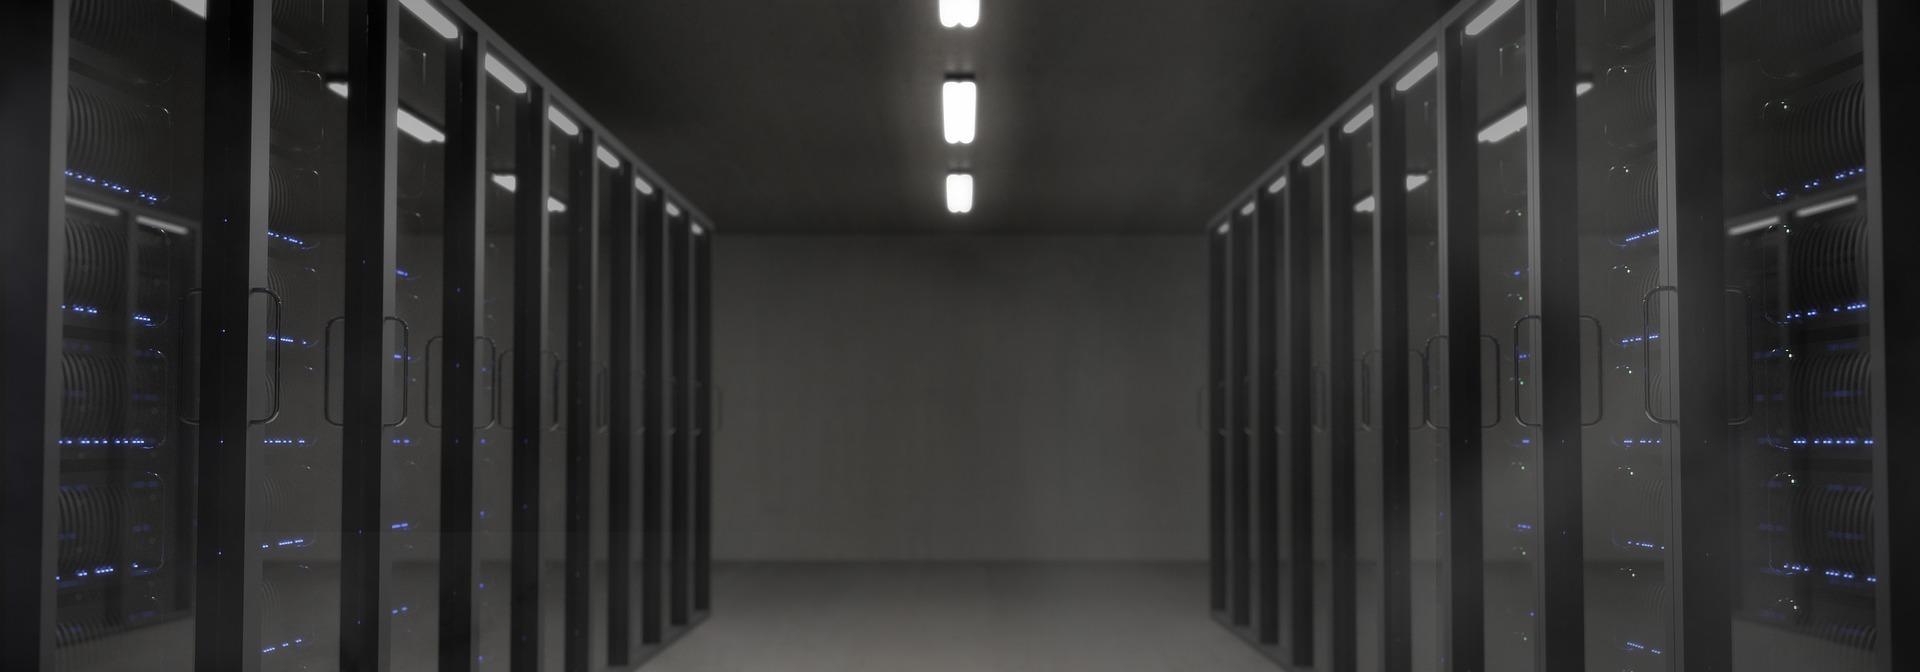 Pasillo de un datacenter